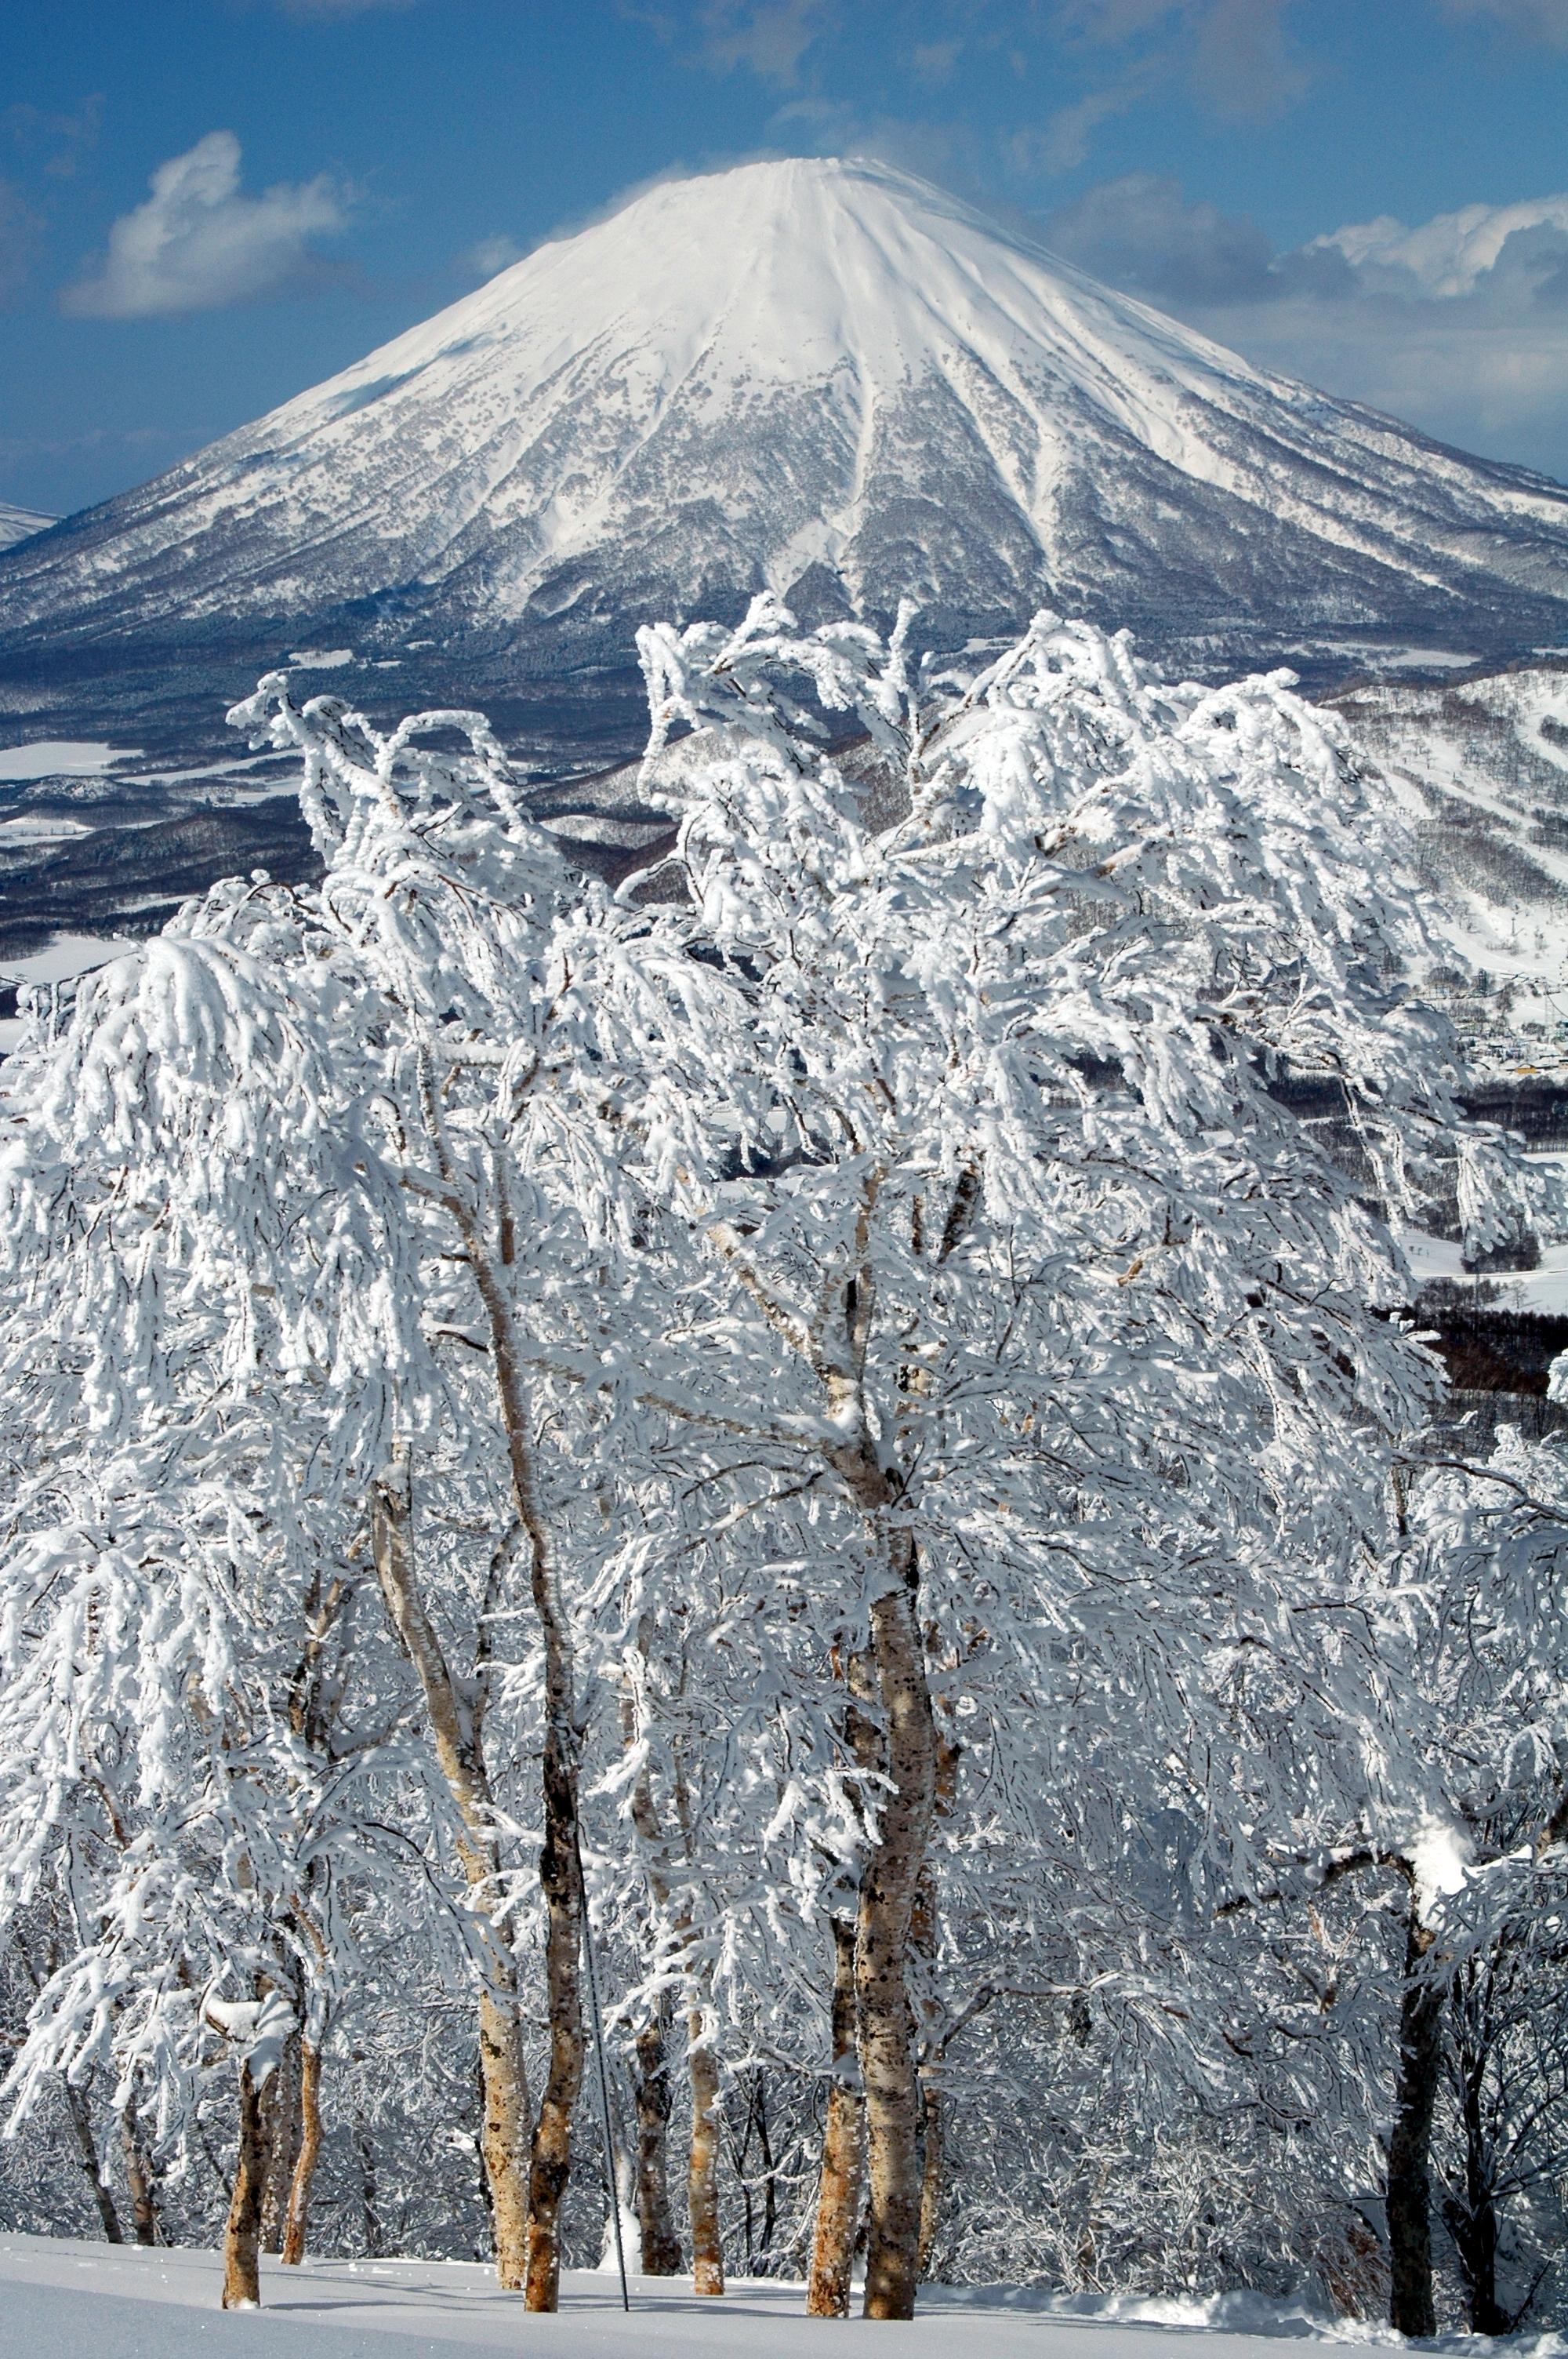 Mt Yotei from Rusutsu, Rusutsu Resort